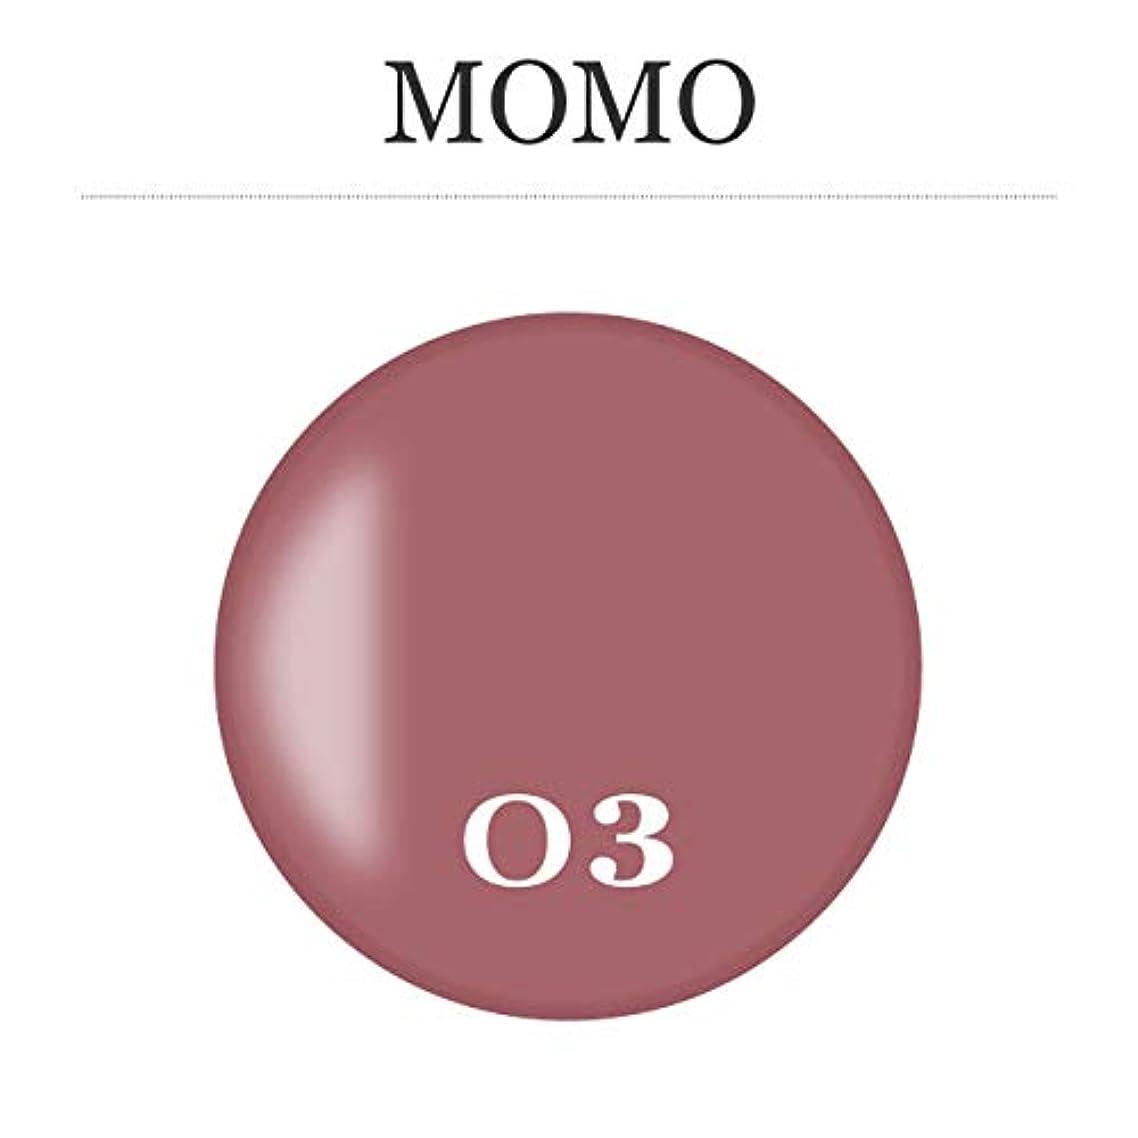 平日カンガルーパールカラージェル MOMO-03 by nail for all